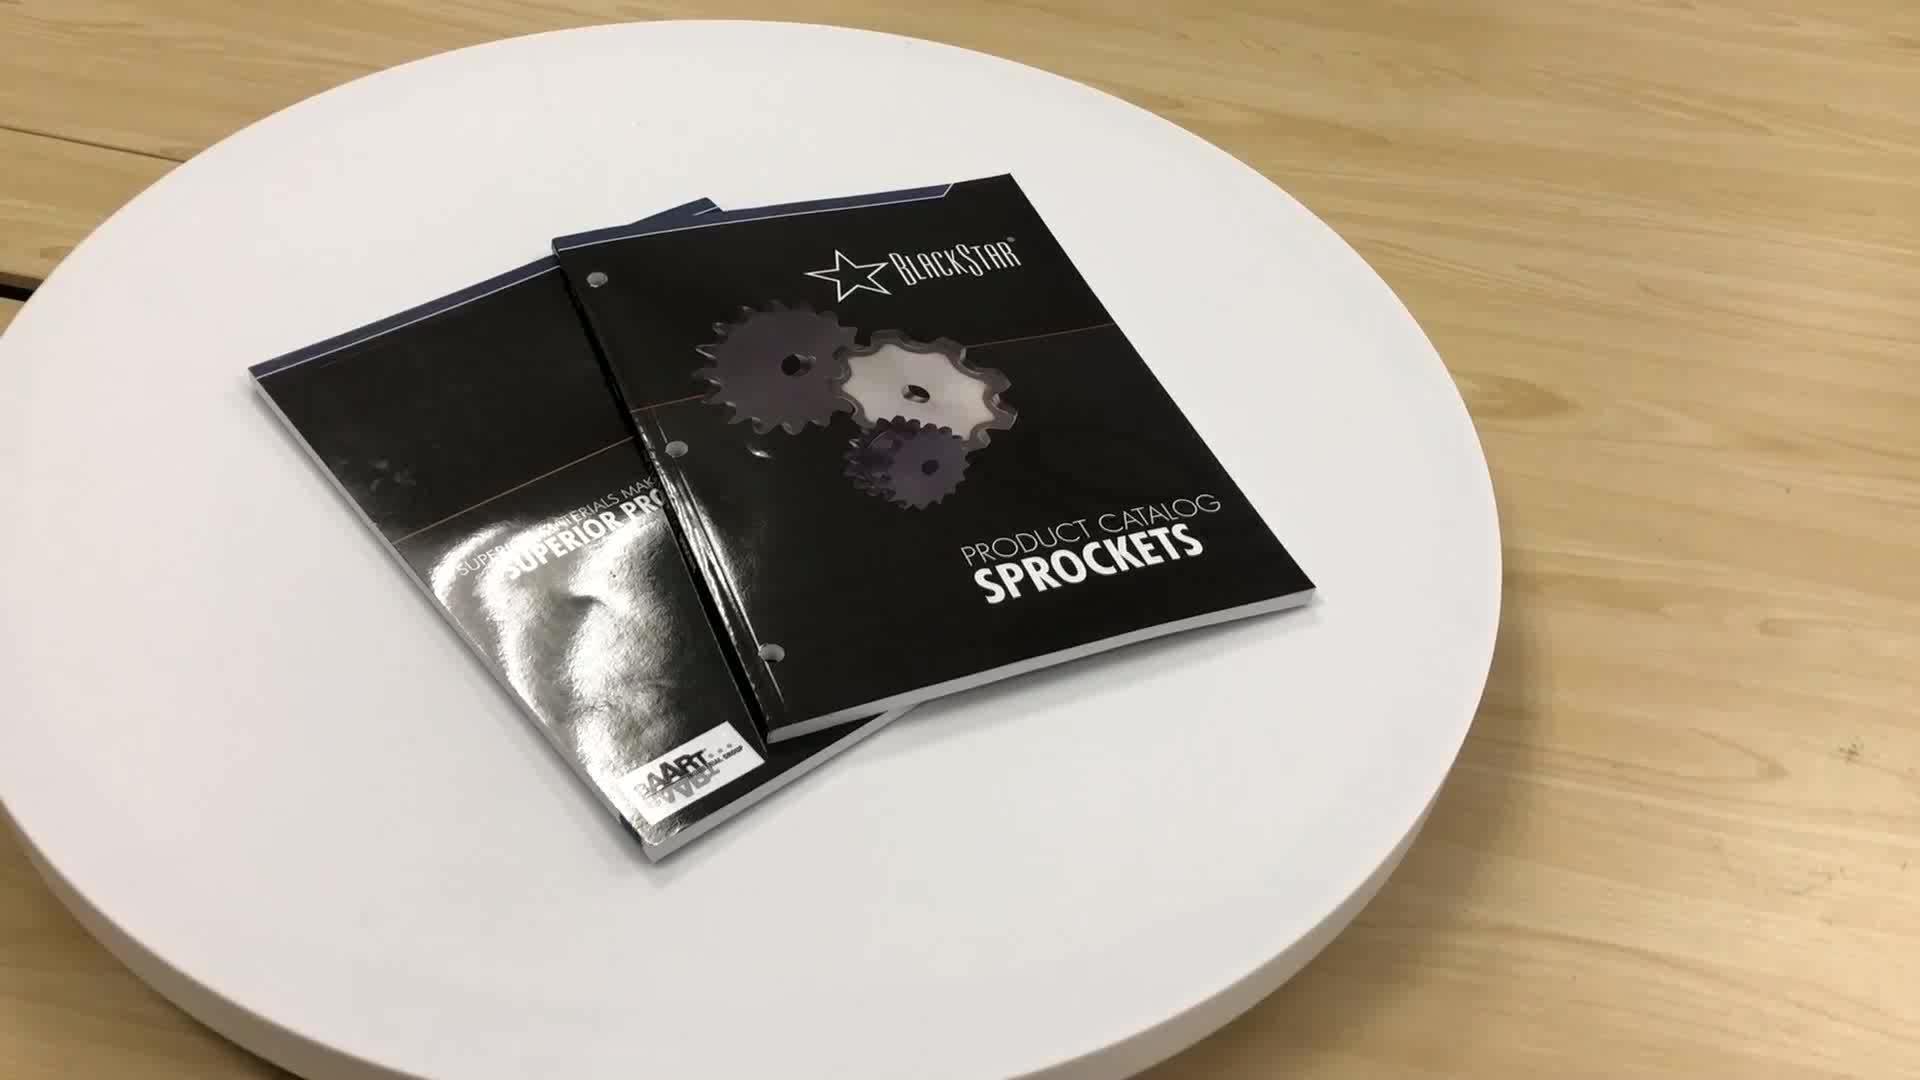 บริษัทจีนราคาถูกoffsetคุณภาพสูงพิมพ์นิตยสาร